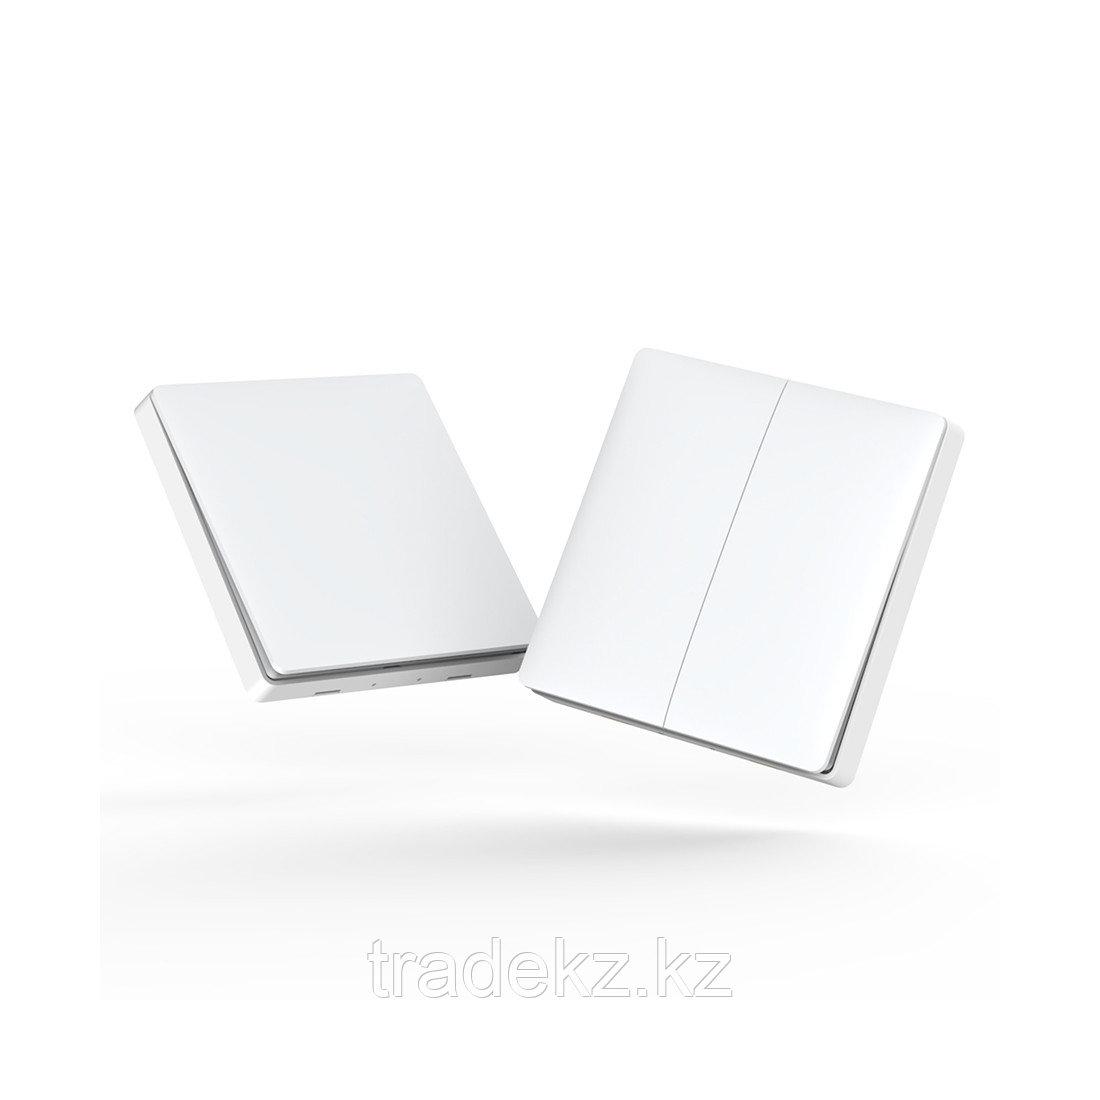 Беспроводной выключатель двойной Aqara Wireless remote switch, умный дом